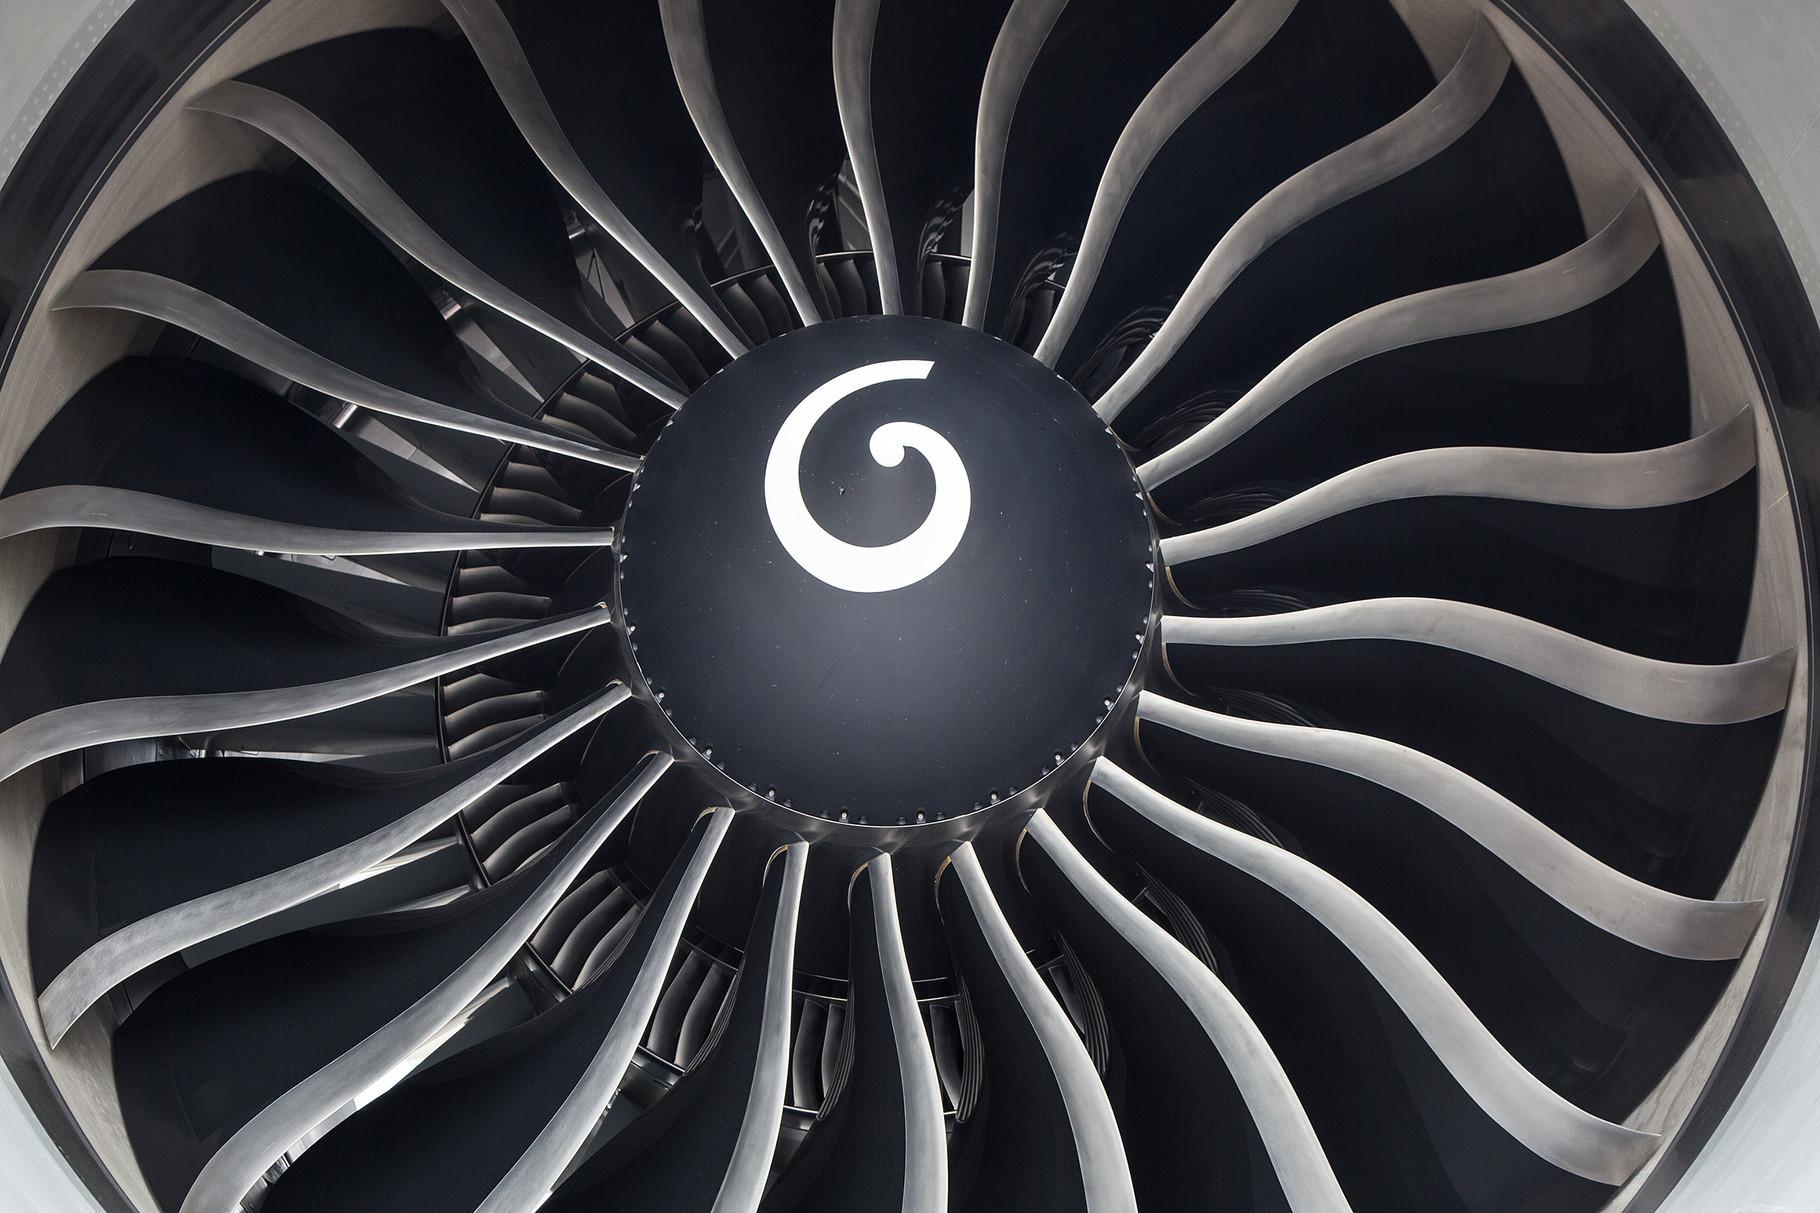 Blick in das riesige GE90 der Boeing 777